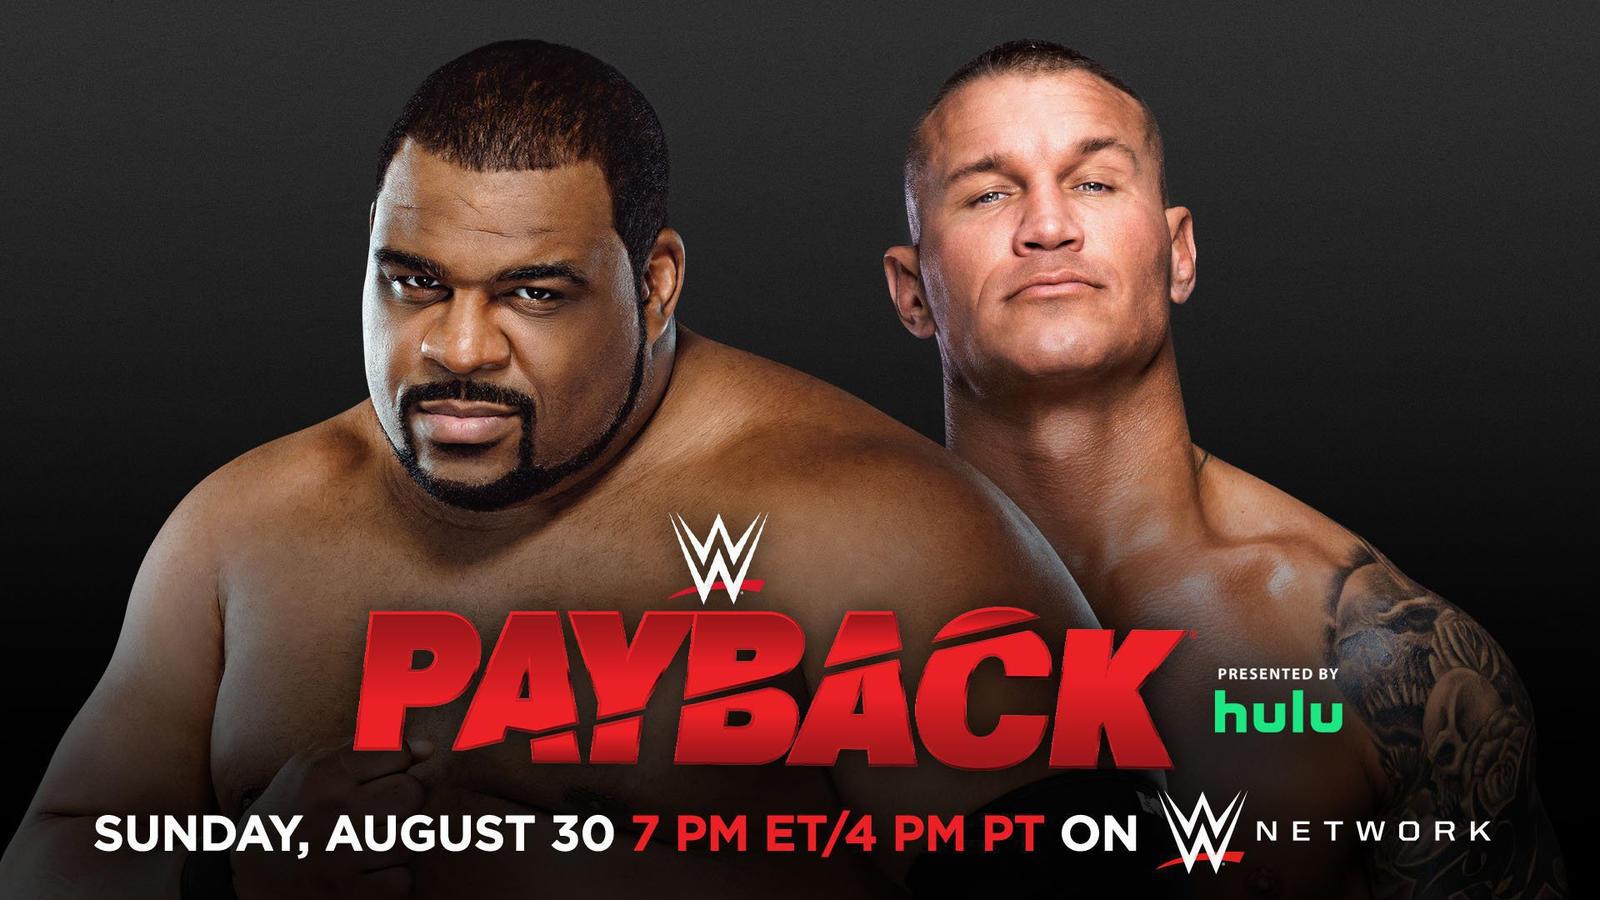 https://www.wwe.com/f/styles/wwe_16_9_xxl/public/all/2020/08/20200824_Payback_sponsor_FC_lee--5b04d5d56b7a2464b802278f4fbe5fb0.jpg